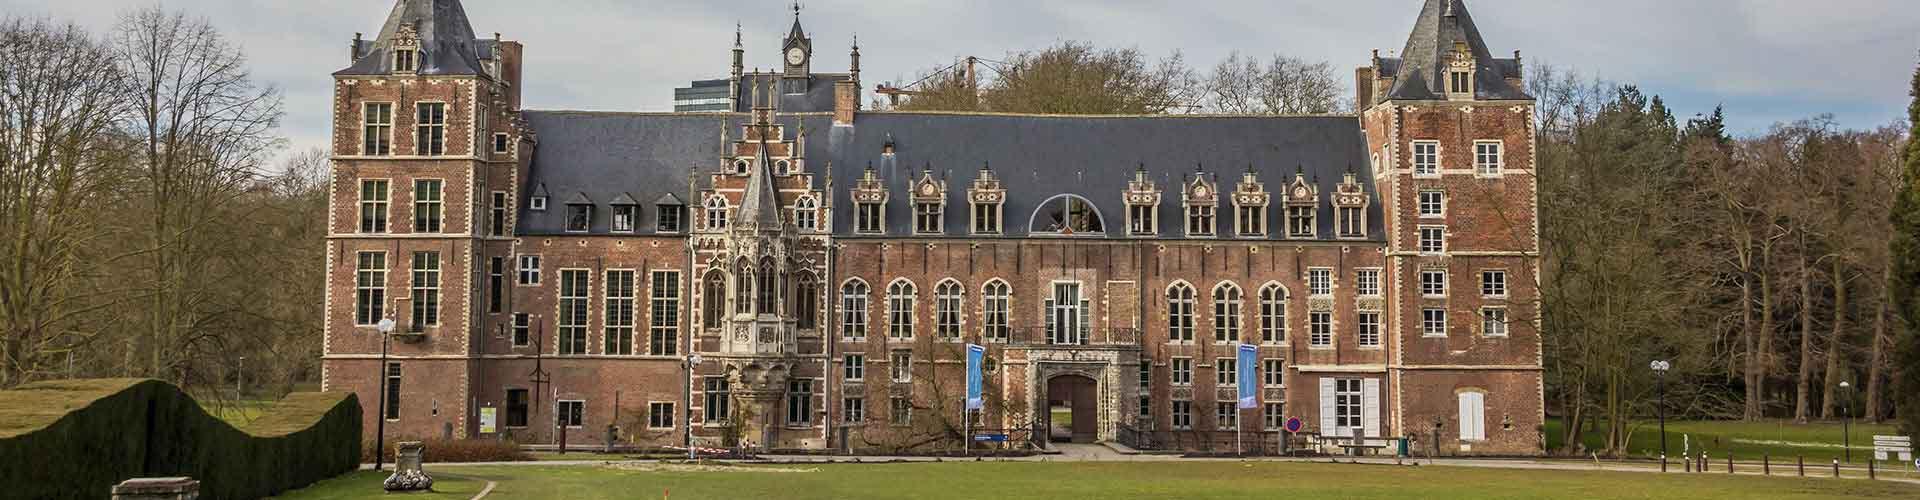 Leuven - Auberges de jeunesse à Leuven. Cartes pour Leuven, photos et commentaires pour chaque auberge de jeunesse à Leuven.